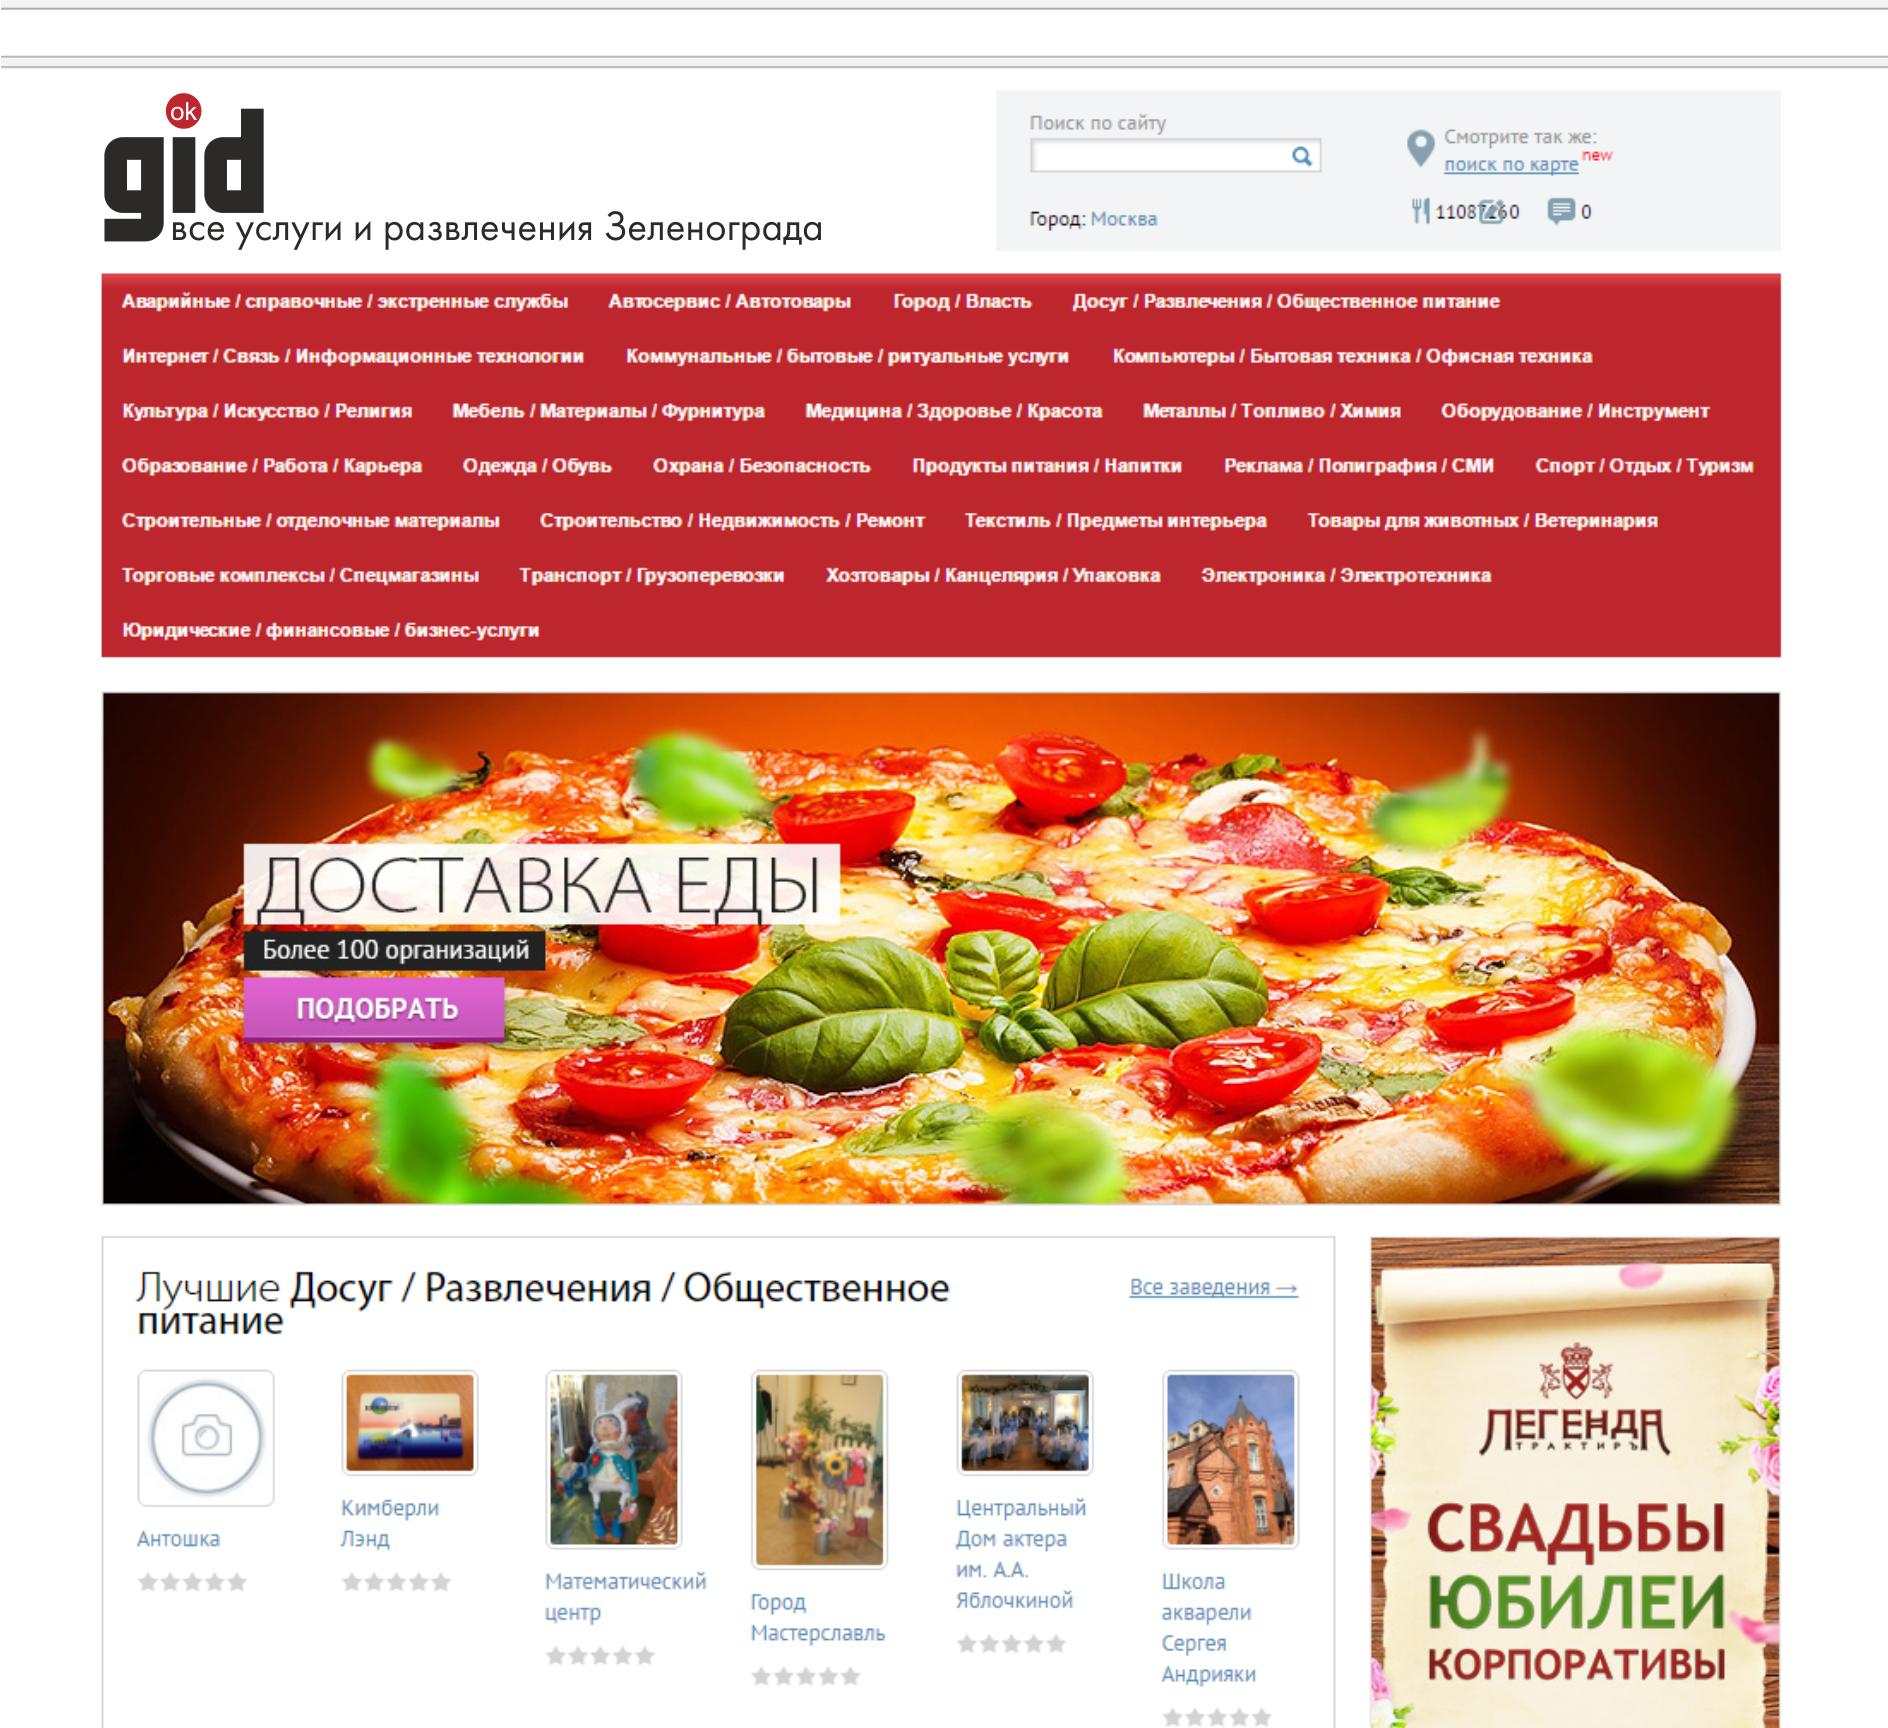 Логотип для сайта OKgid.ru фото f_17657cd431fc65c6.png